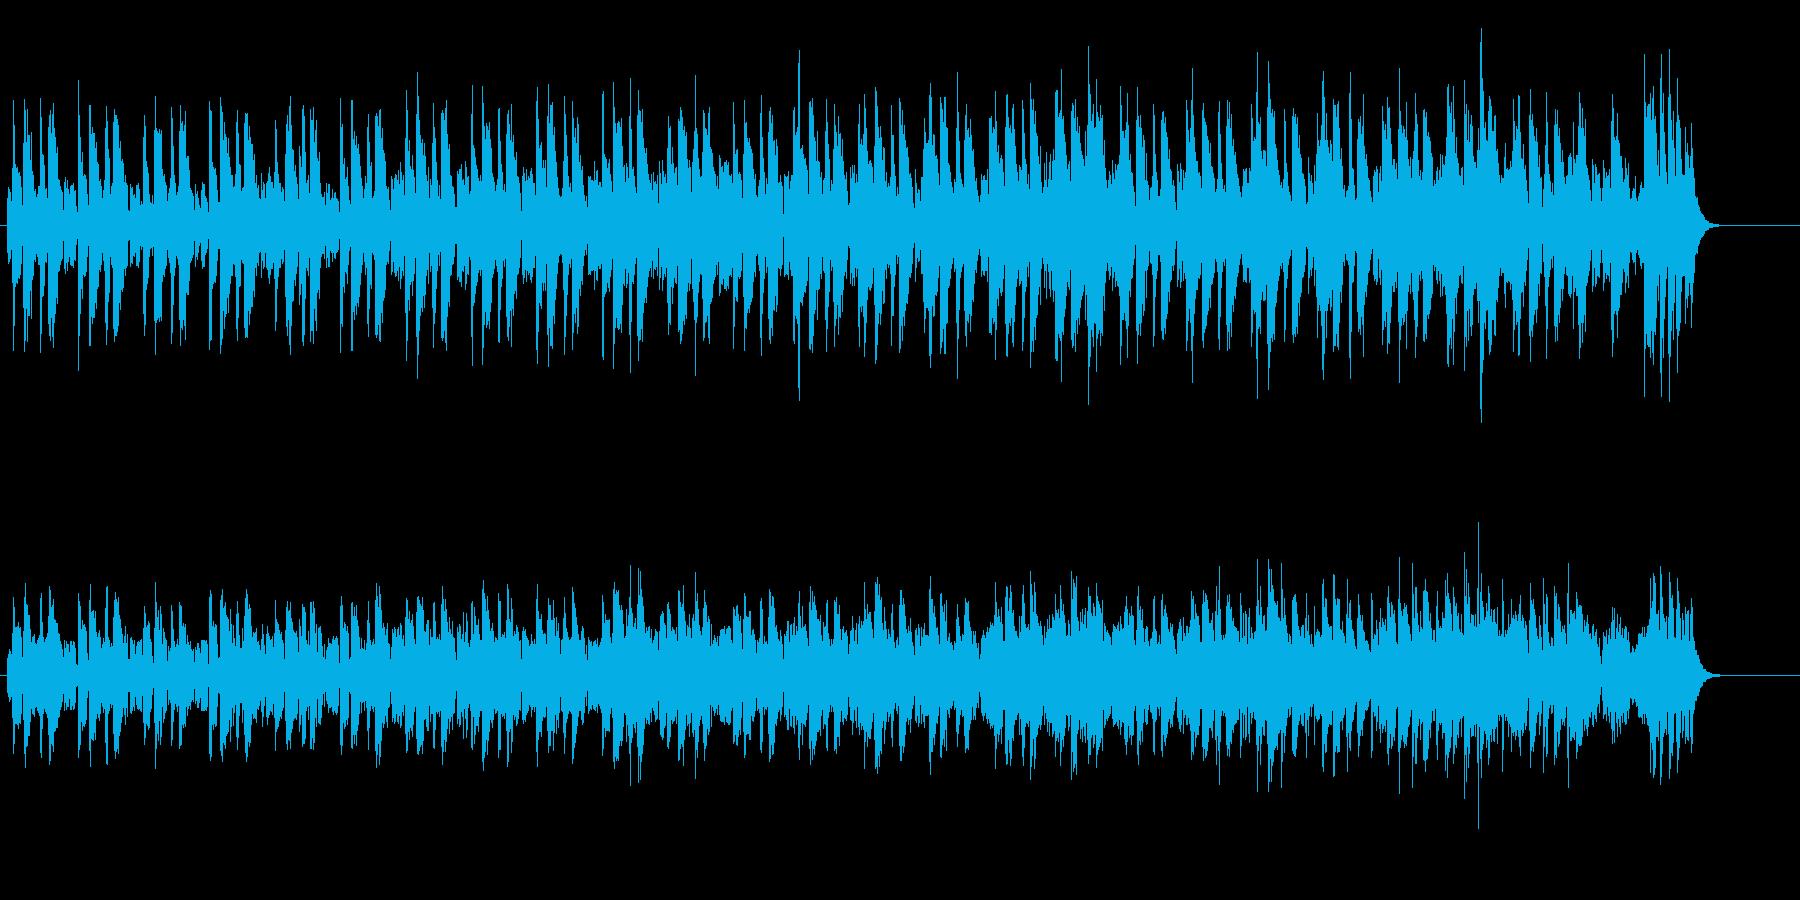 ジャジーでお洒落なジャズ感覚のポップスの再生済みの波形